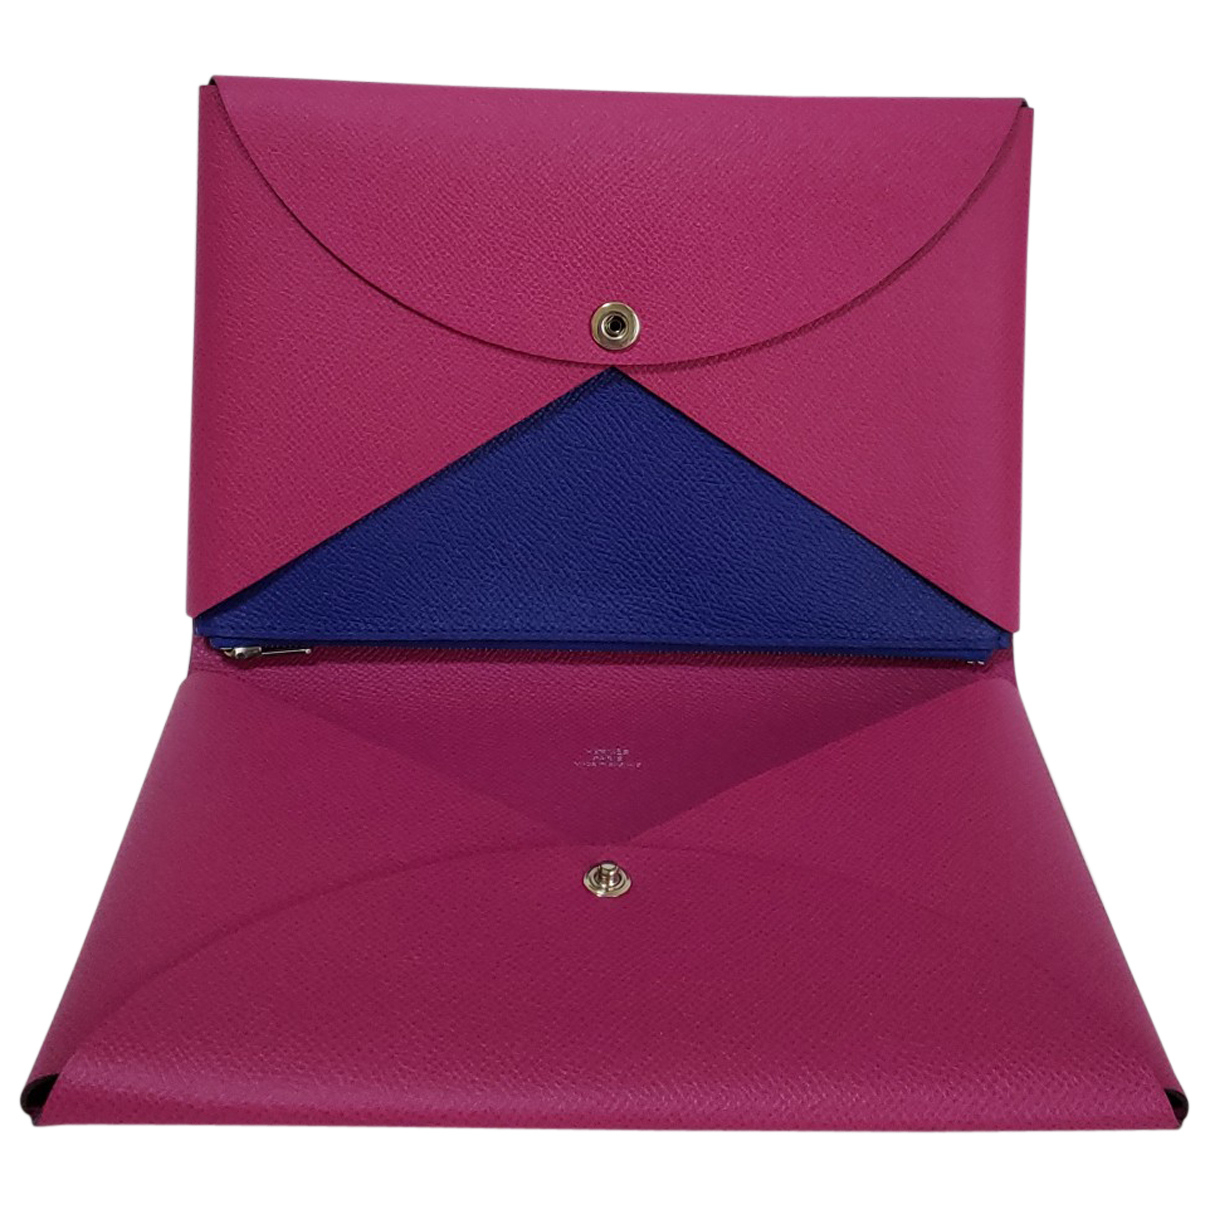 Hermès Calvi Purple Leather Purses, wallet & cases for Women N